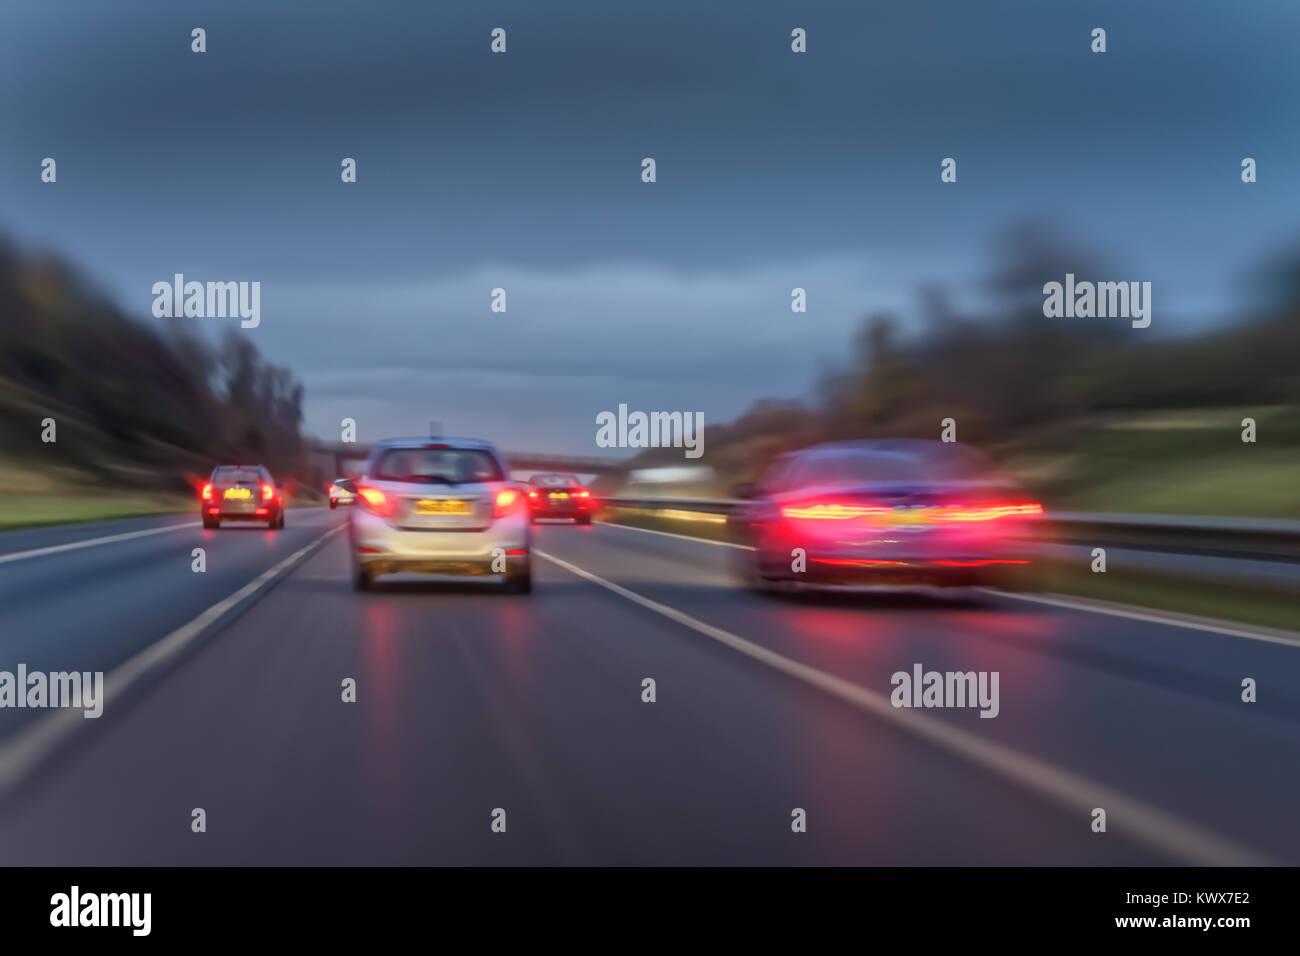 Schnell fahrenden Autos auf einem nassen Britische Autobahn in der Abenddämmerung. Stockbild